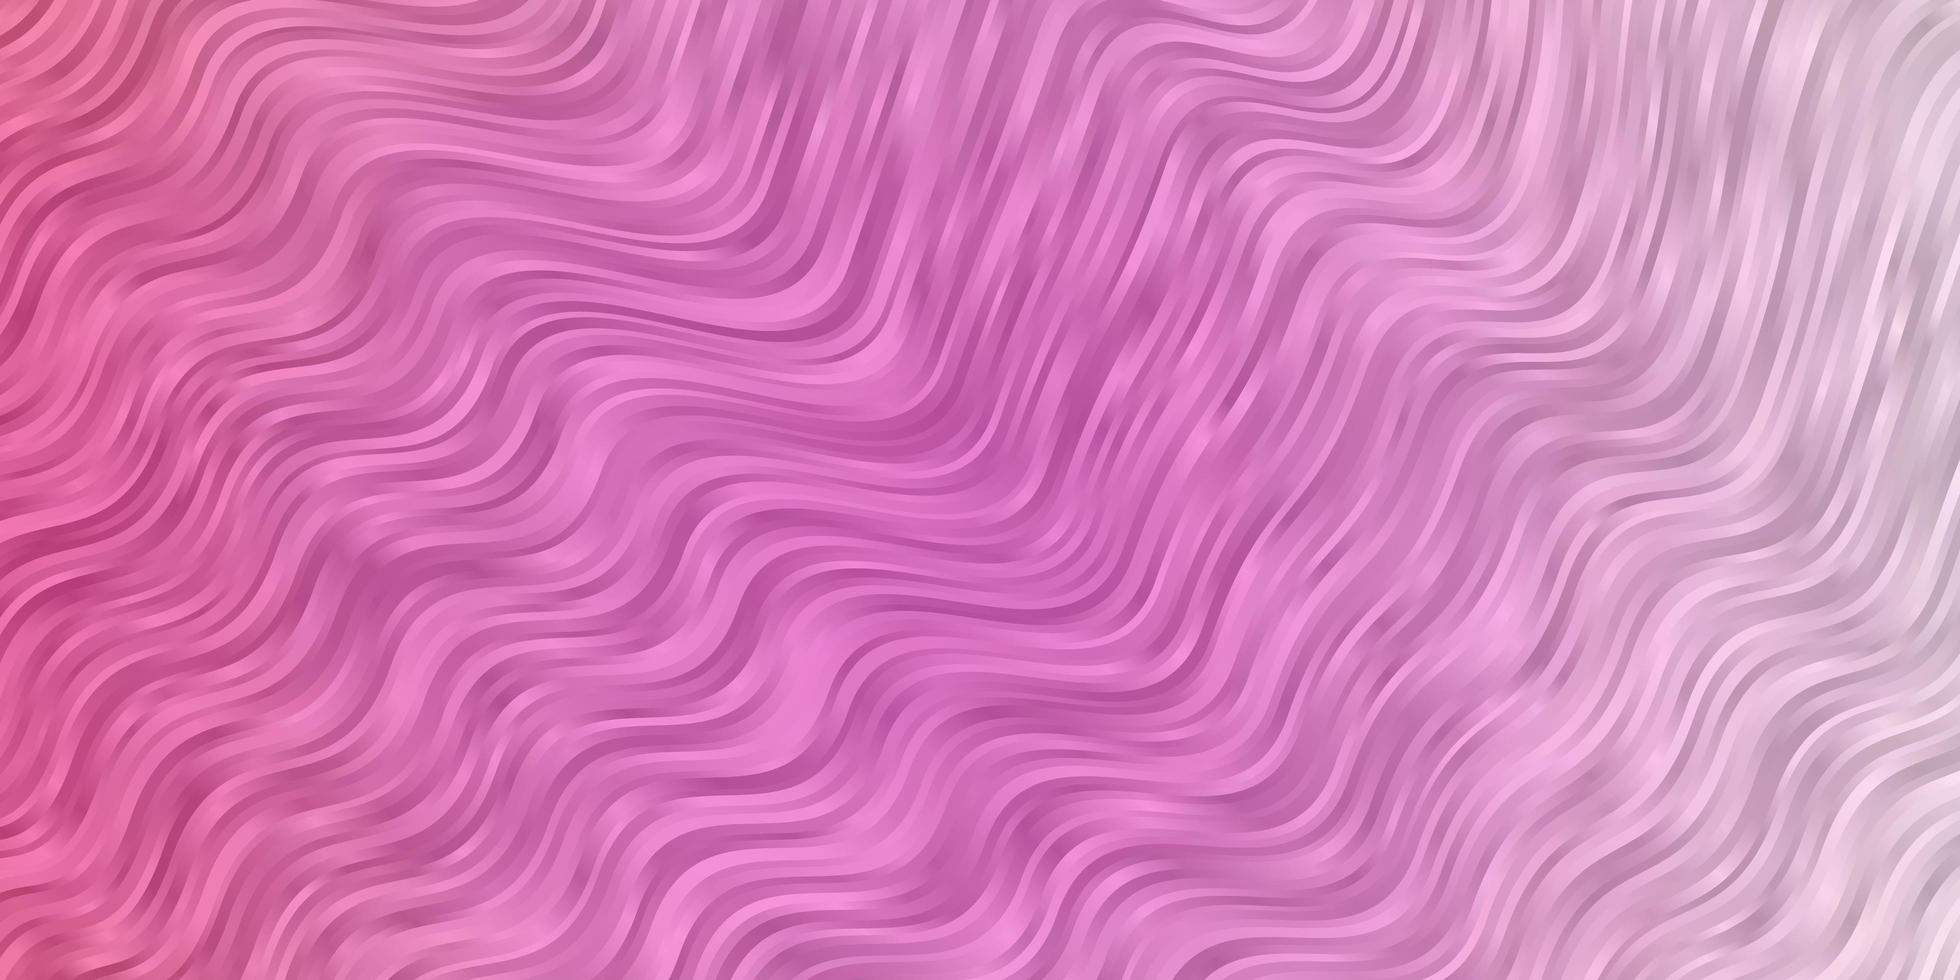 fundo rosa claro com linhas dobradas. vetor